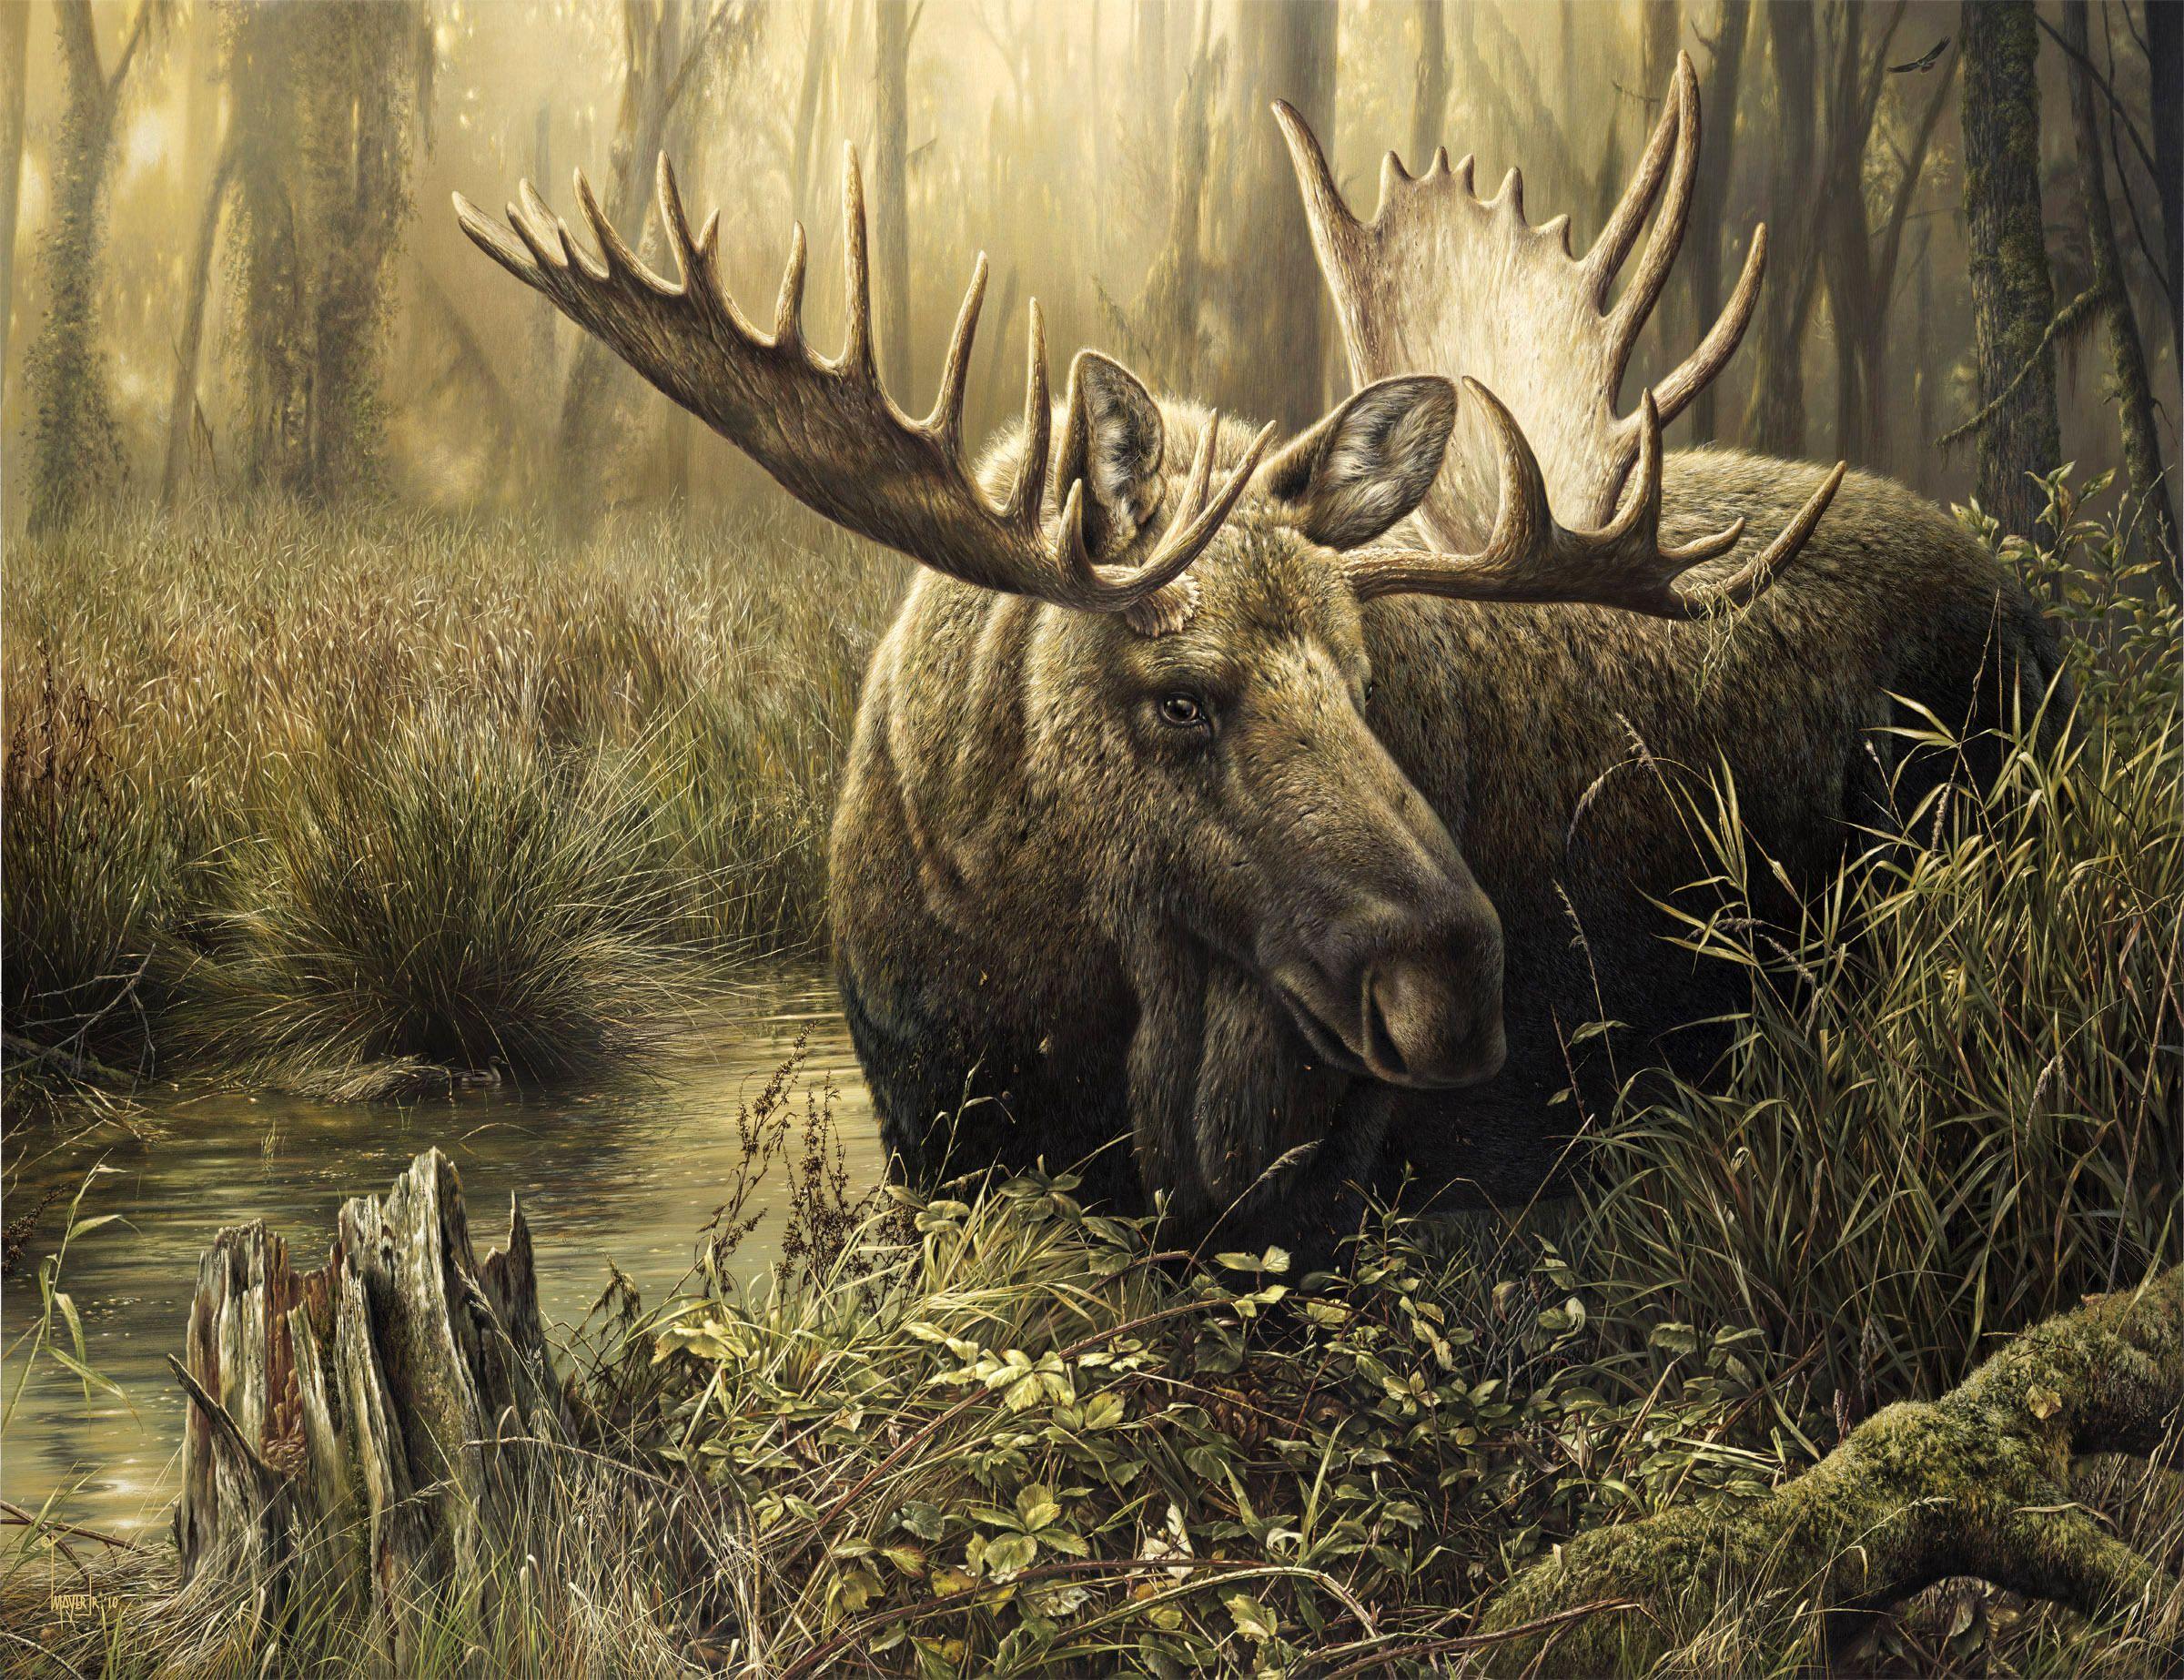 Moose Wallpaper Google Search Wildlife Paintings Animal Paintings Wildlife Artists